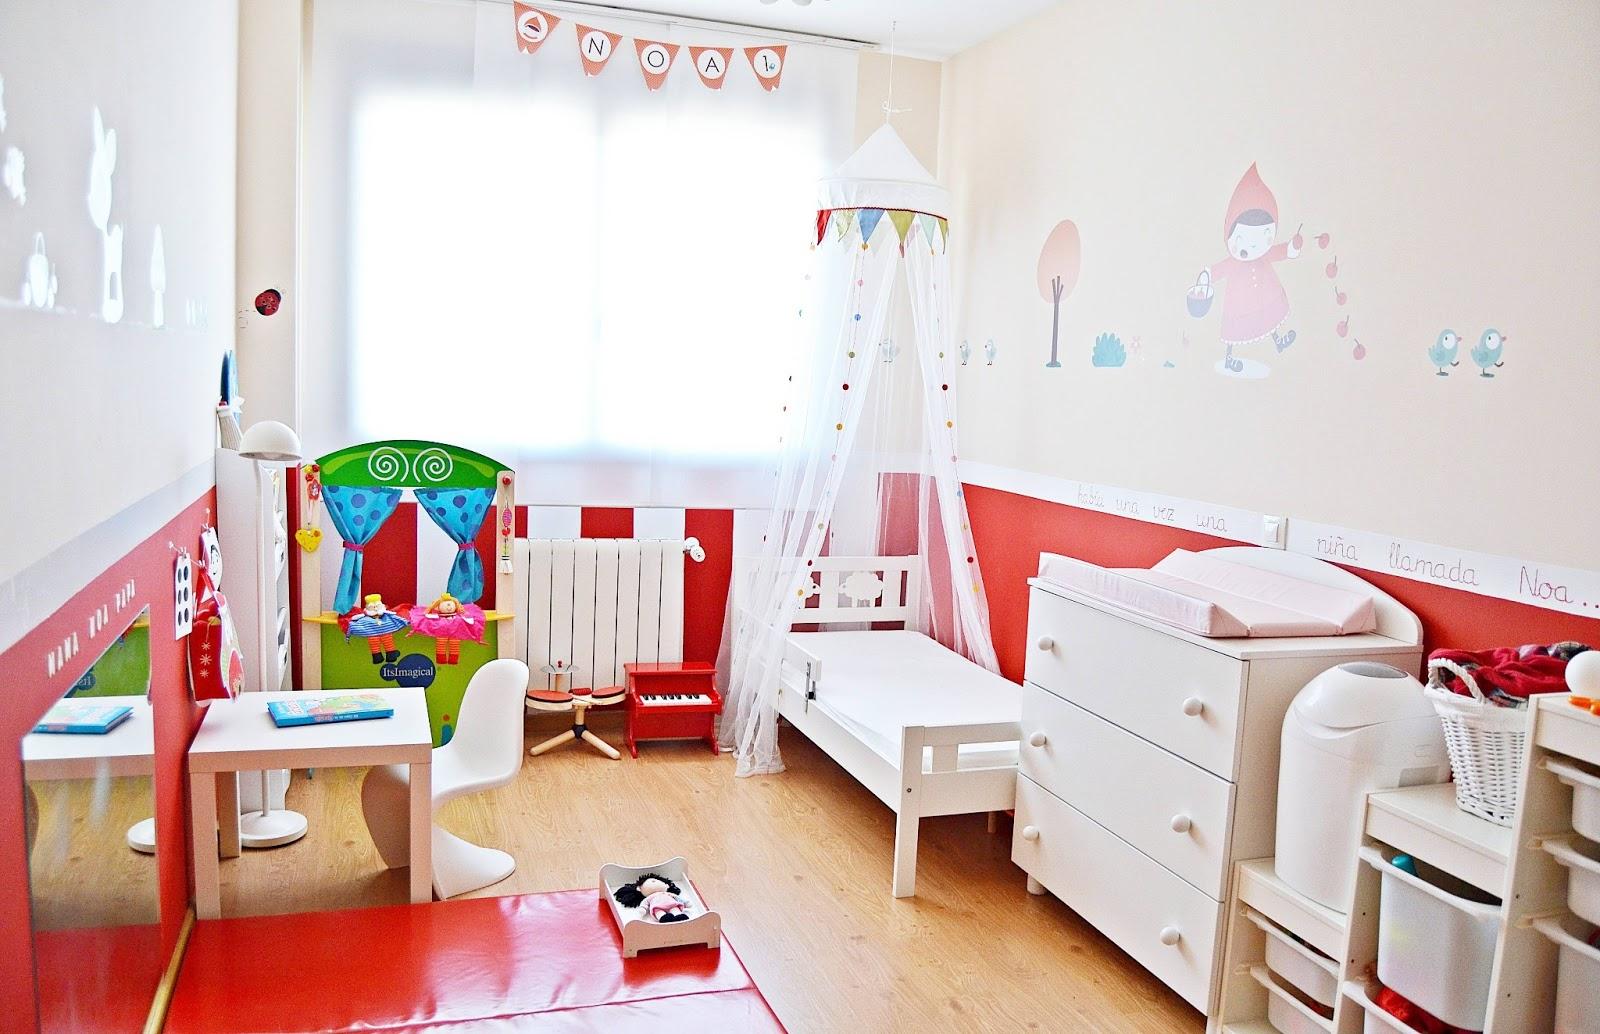 Mam de noa cambio de habitaci n de beb a mayor - Habitacion para 2 ninos ...